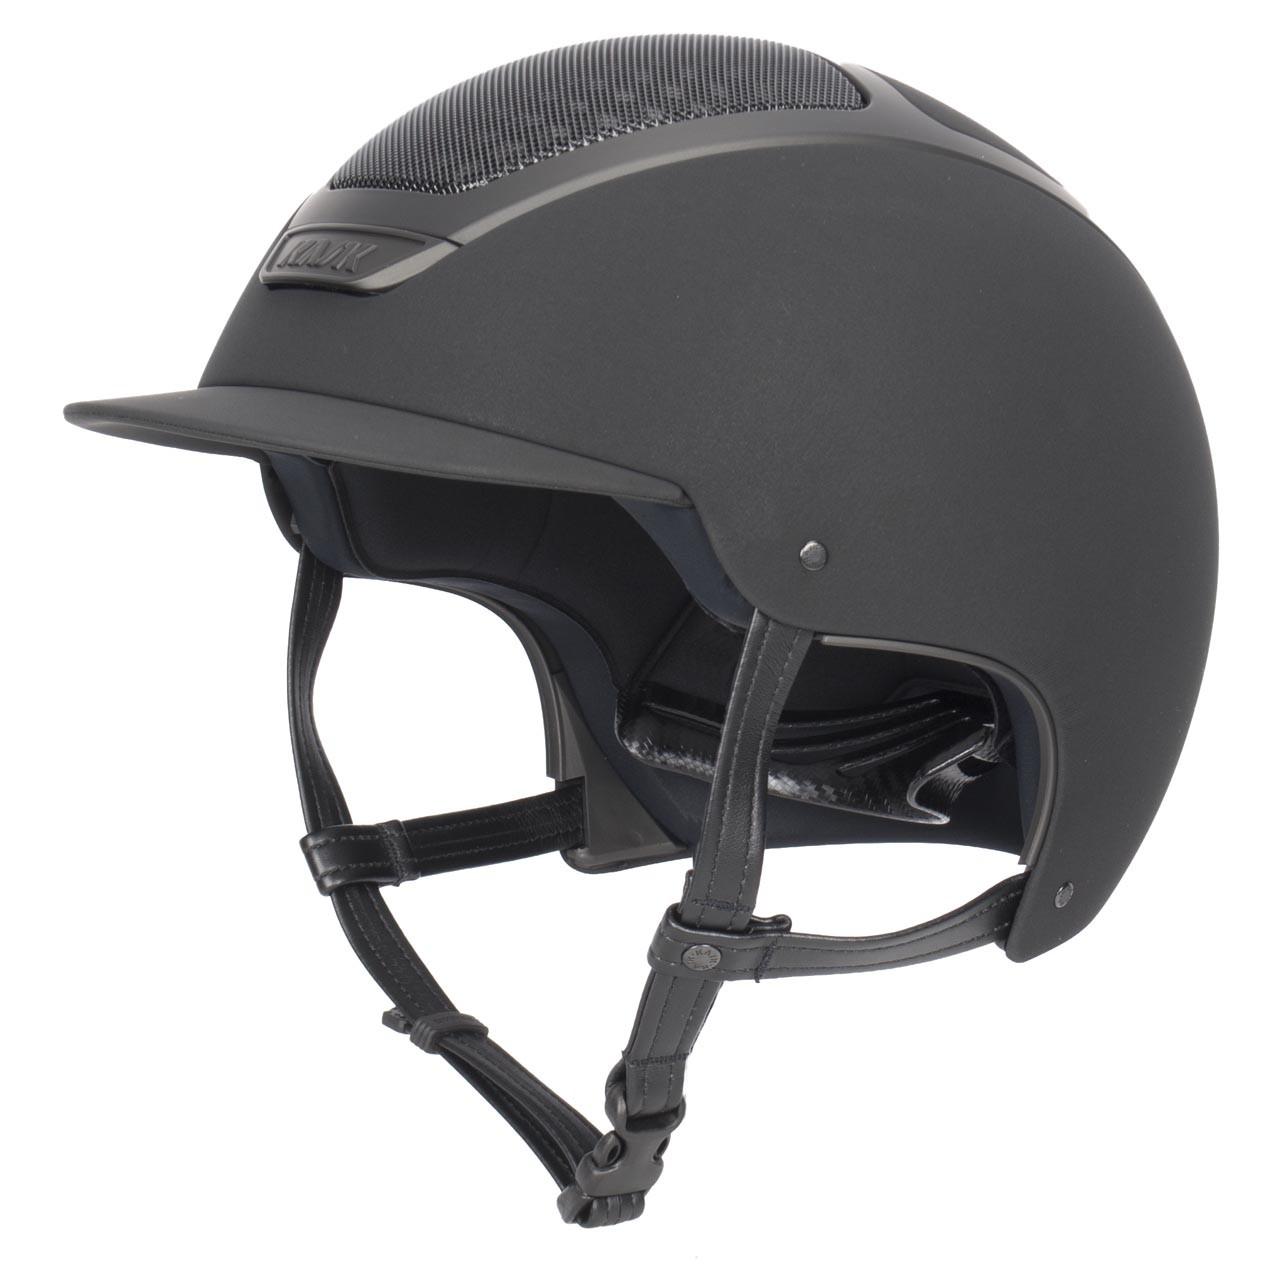 Kask Dogma Light cap zwart maat:60